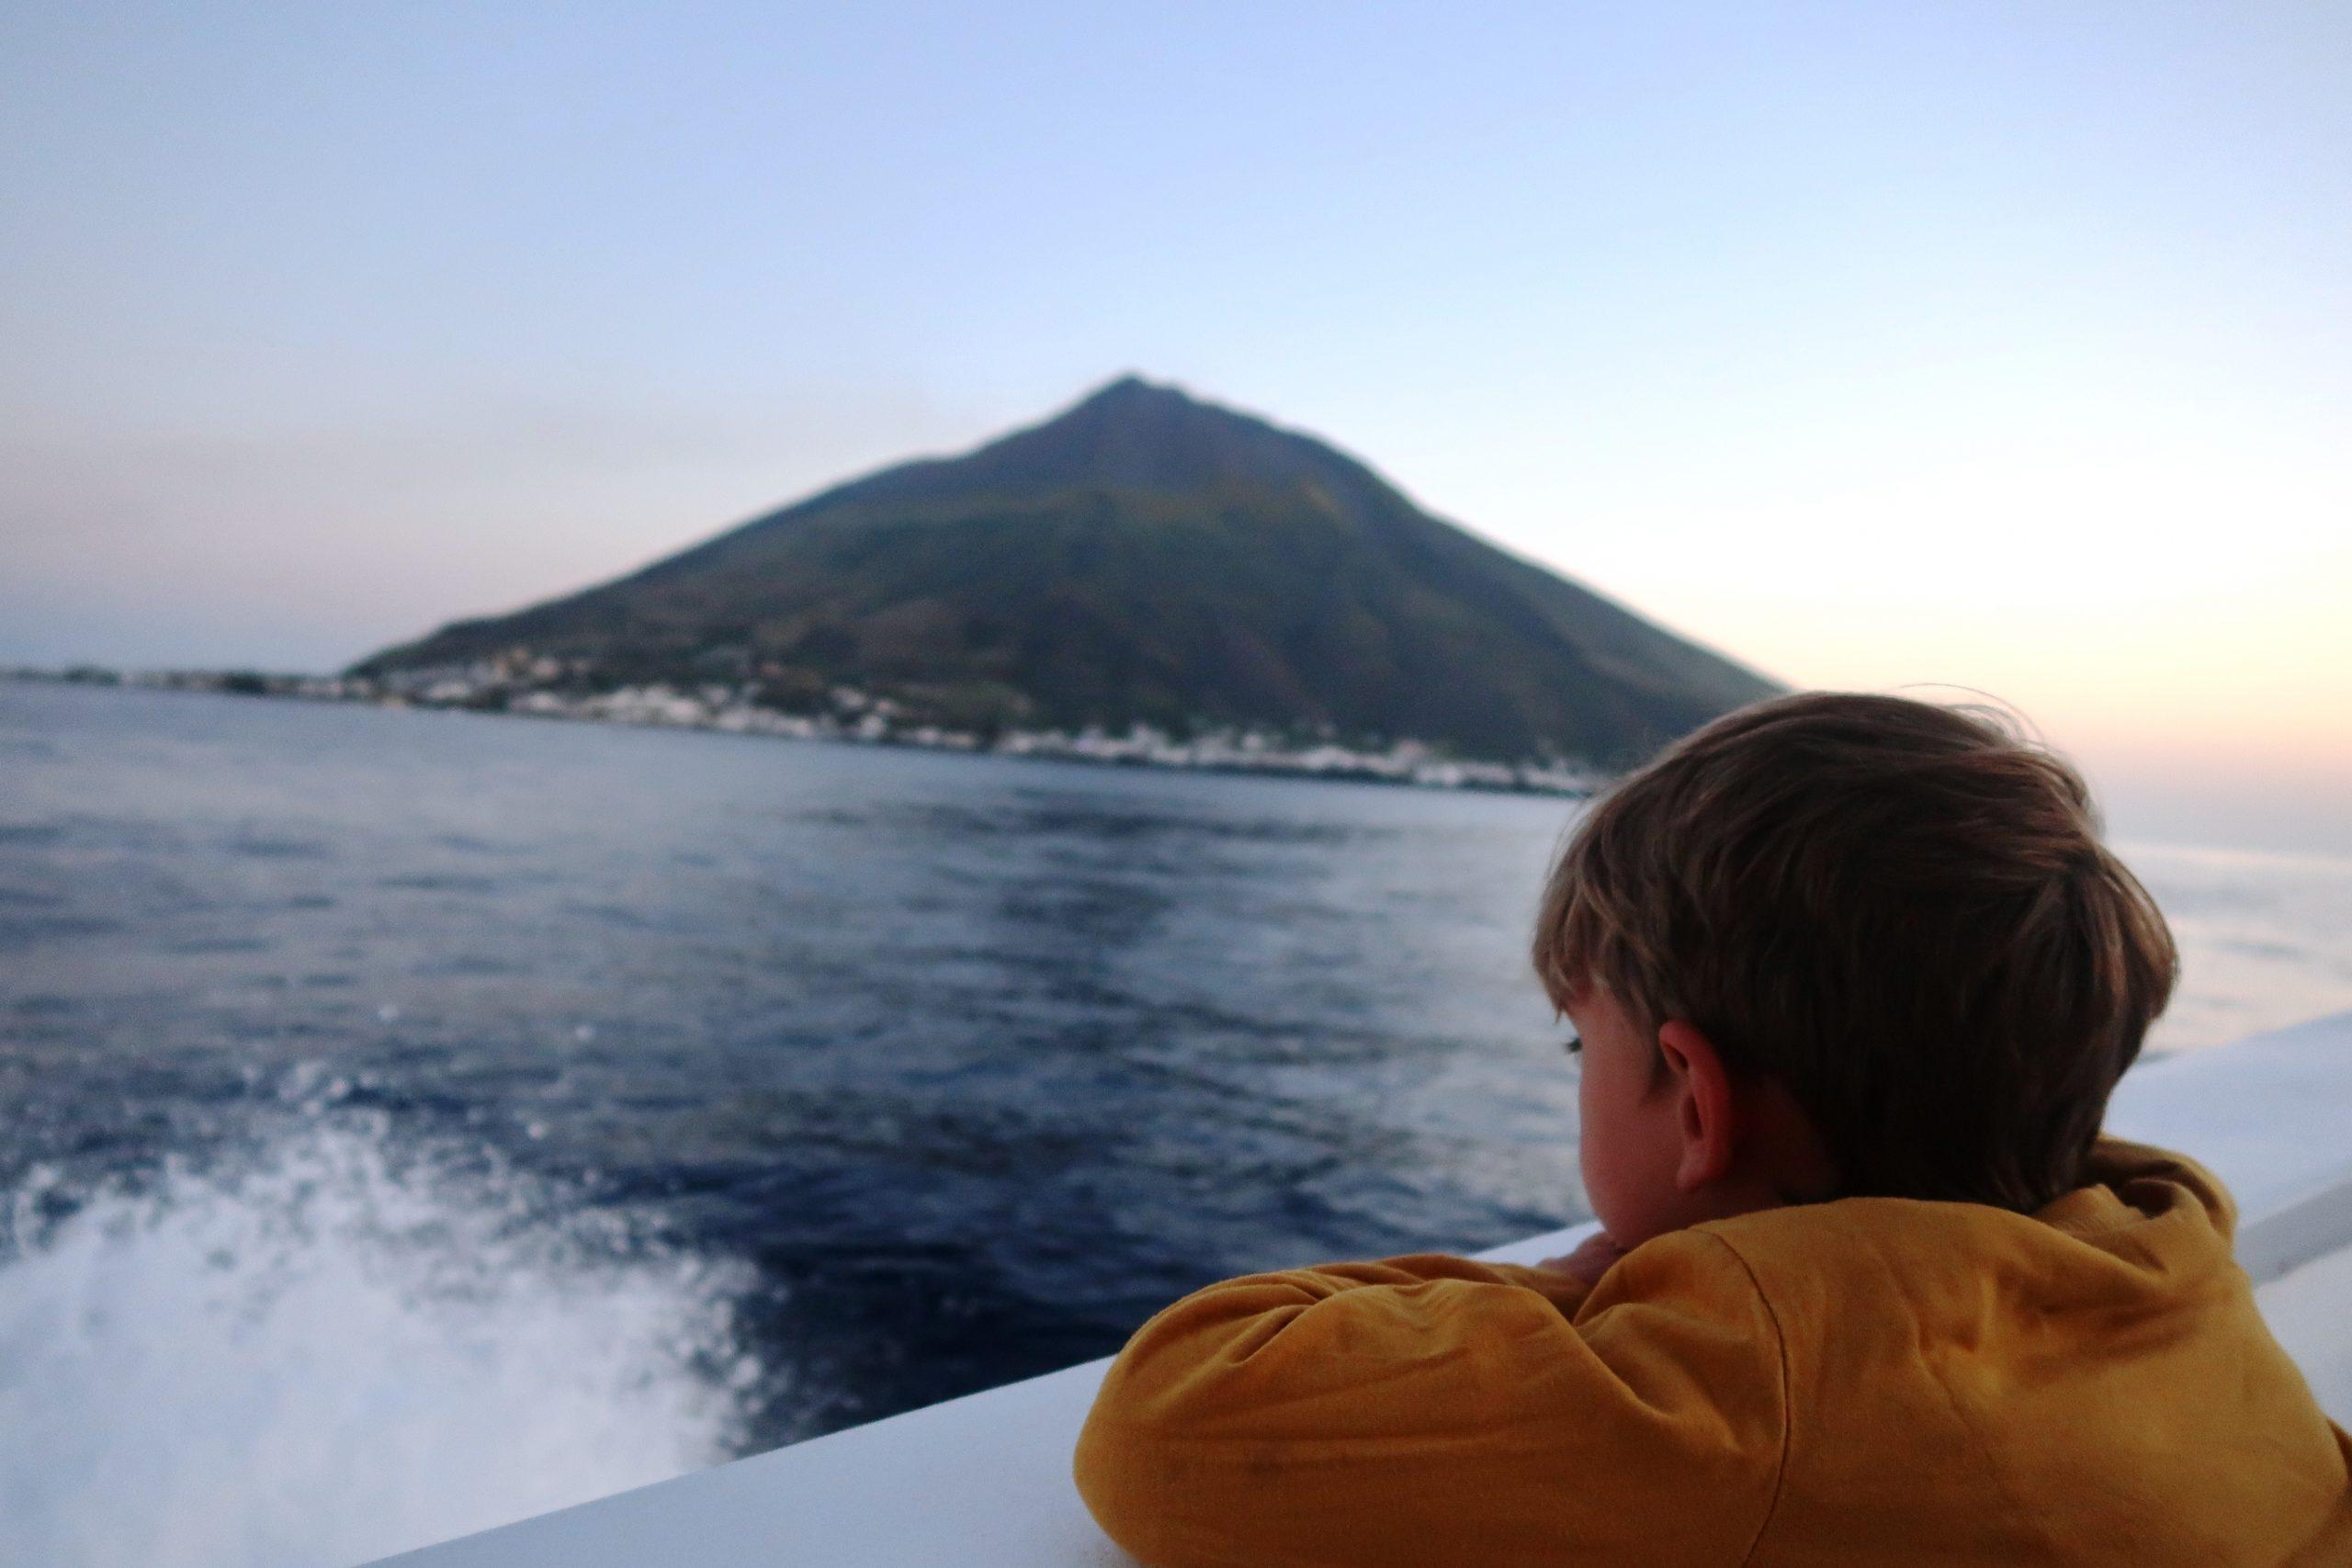 un bambino che osserva il vulcano Stromboli